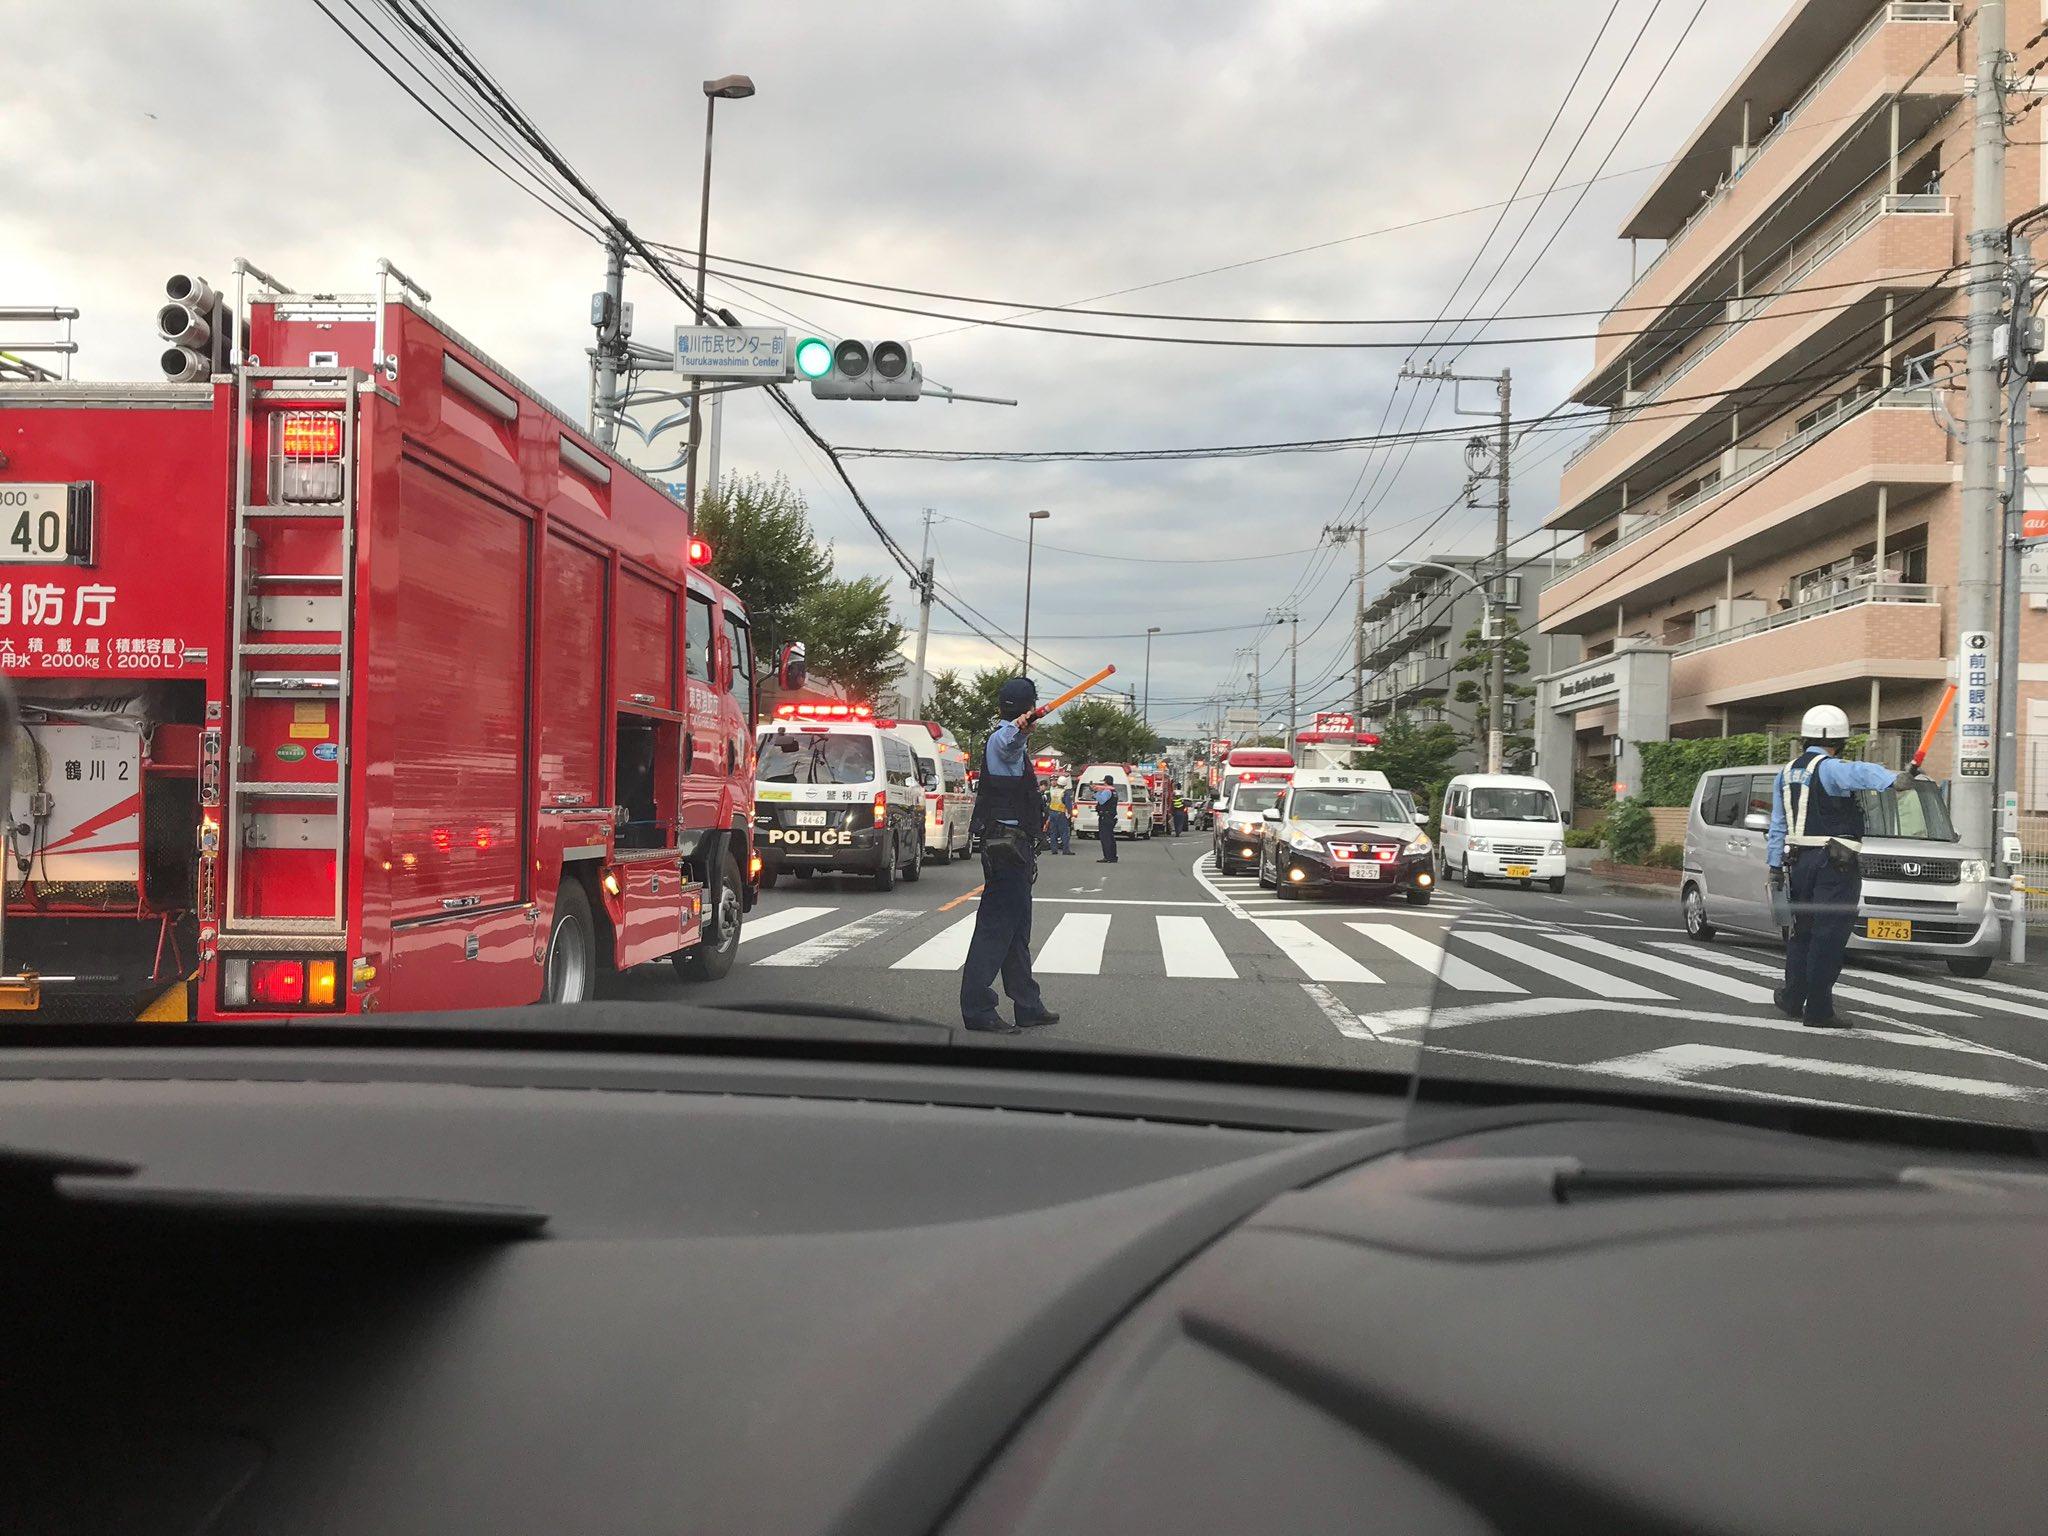 画像,町田で事故ニュースやってたから友達にお前か?って聞いたらほんとにそこにいたw https://t.co/pWYozUPfl6…